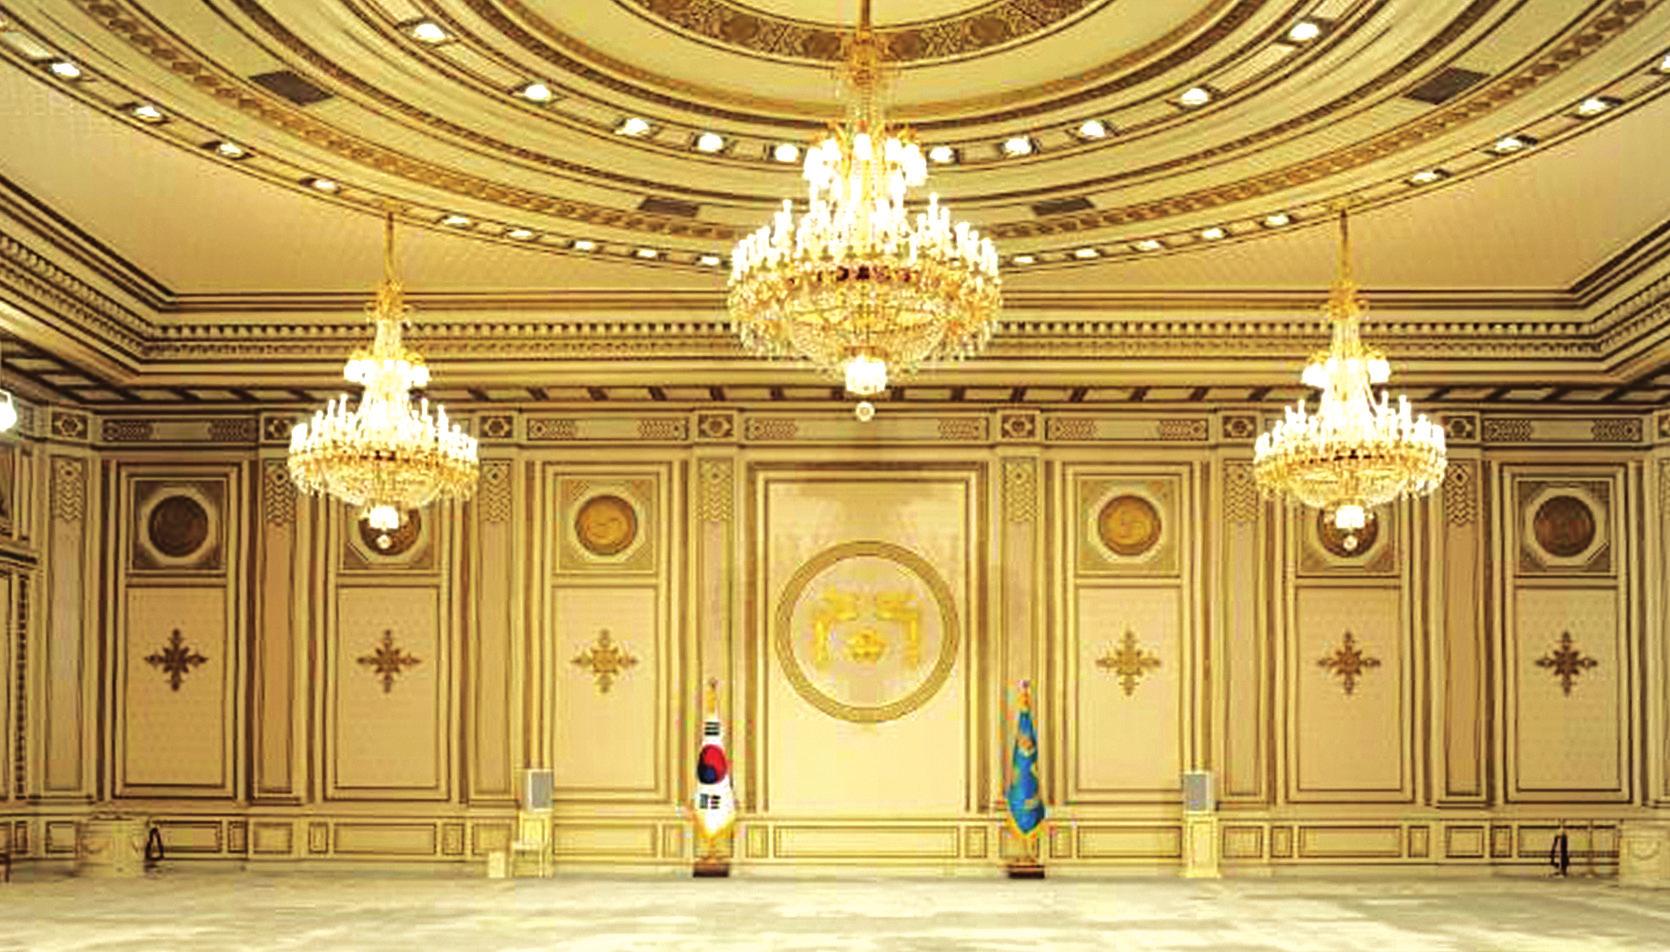 51. 완공된 청와대 영빈관 내부 사진